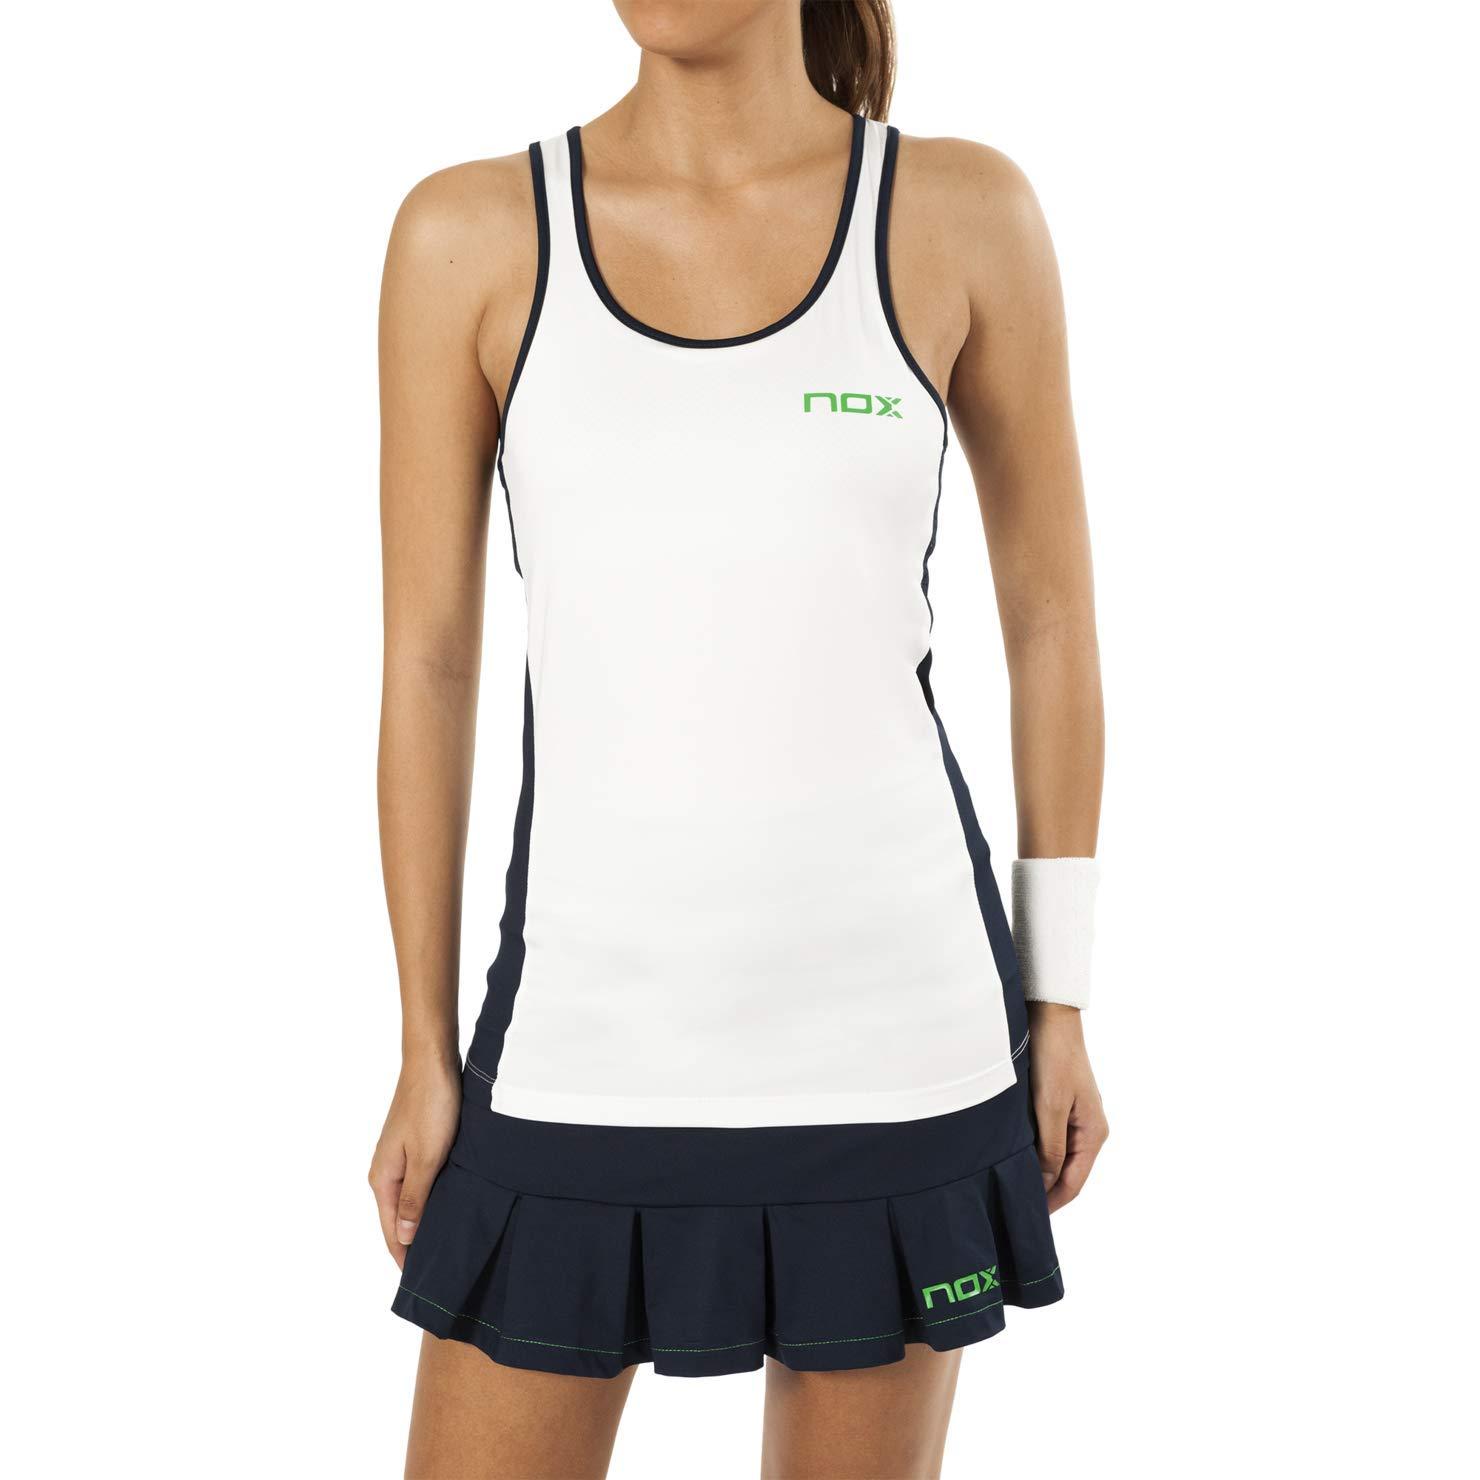 NOX Camiseta Tirantes Pro Blanco: Amazon.es: Deportes y aire libre